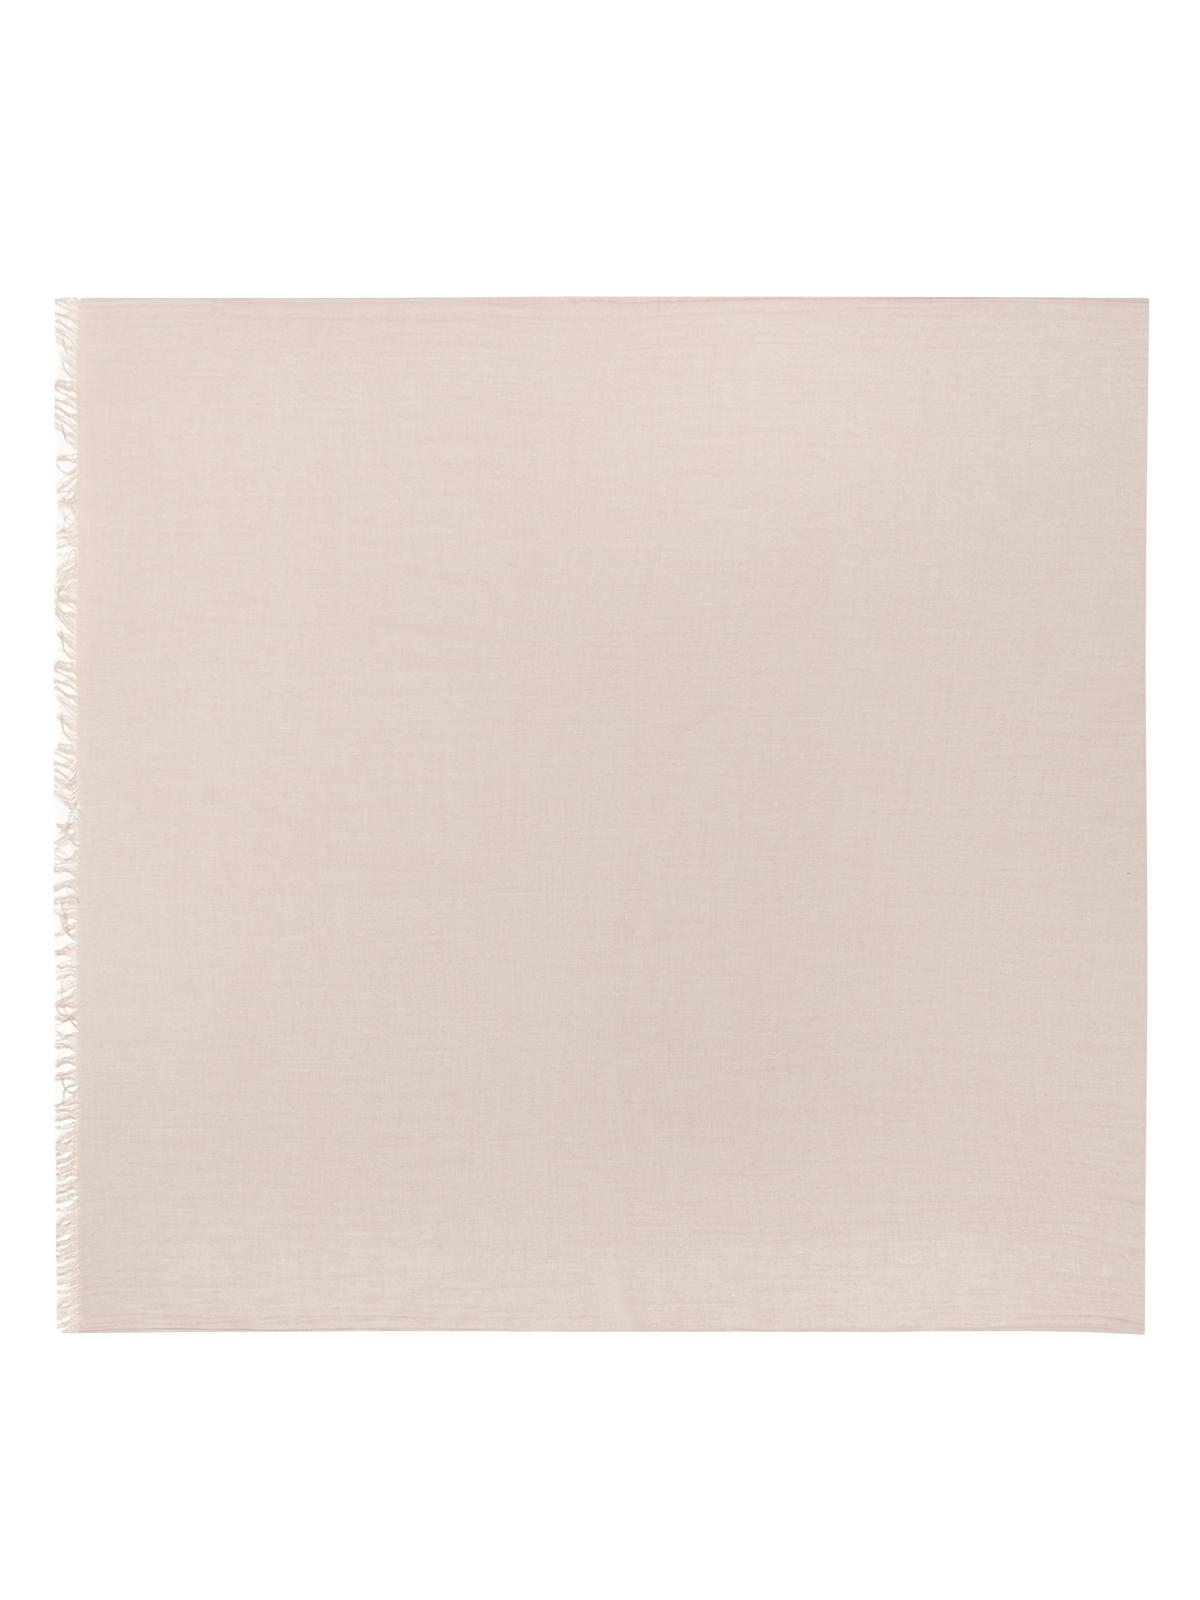 Шарф пепельно-розового цветаШарфы<br><br>Материал верха: Текстиль<br>Цвет: Розовый<br>Дизайн: Италия<br>Страна производства: Италия<br><br>Материал верха: Текстиль<br>Цвет: Розовый<br>Пол: Женский<br>Размер: Без размера